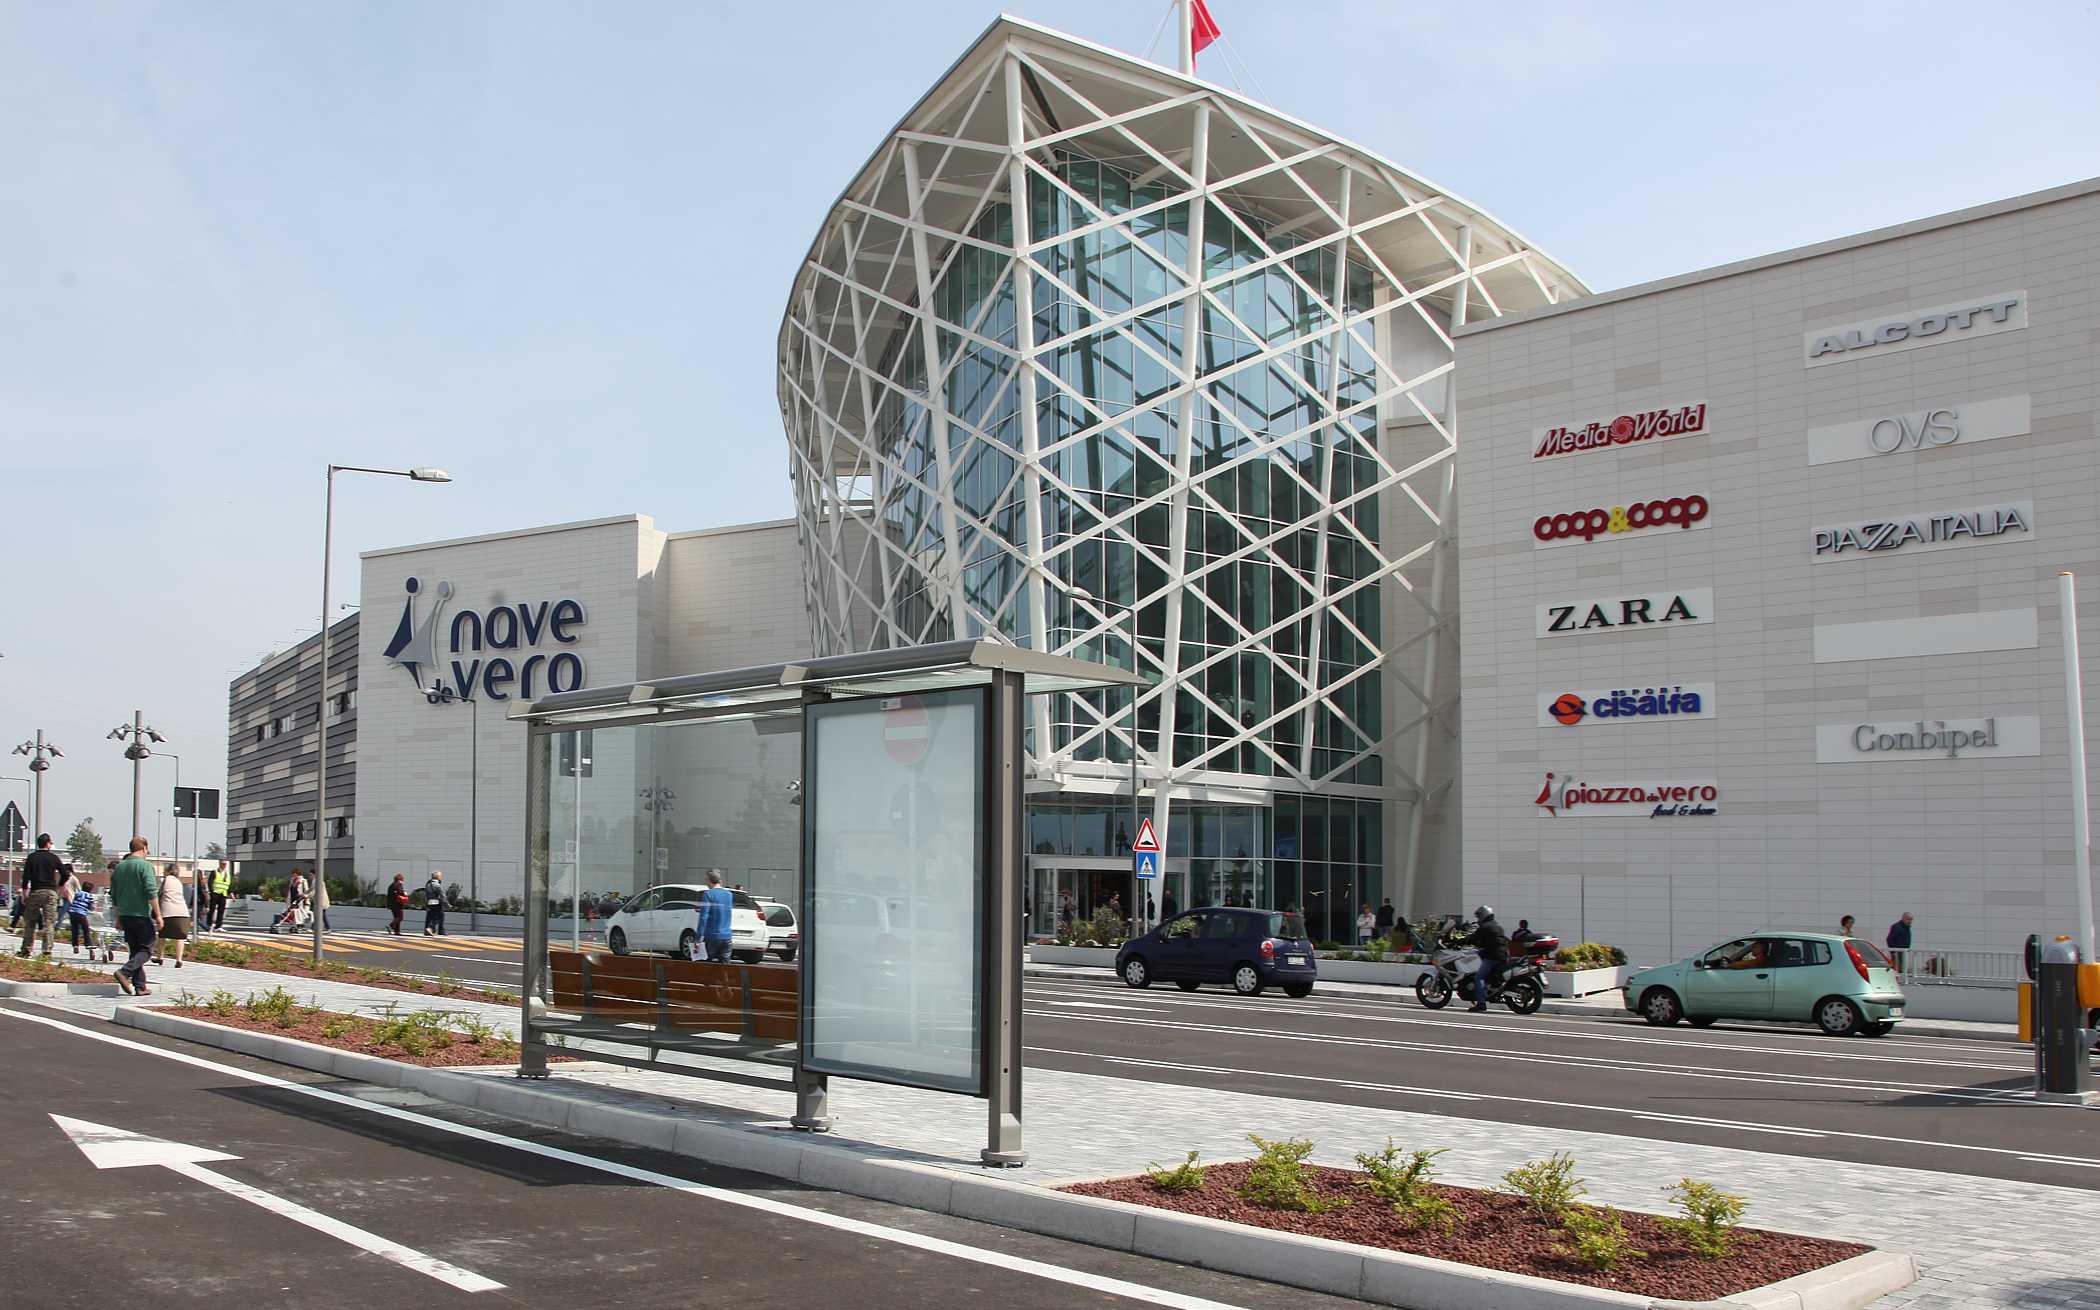 Marghera Venice Italy. Shopping Mall Nave de Vero 9407b405efa